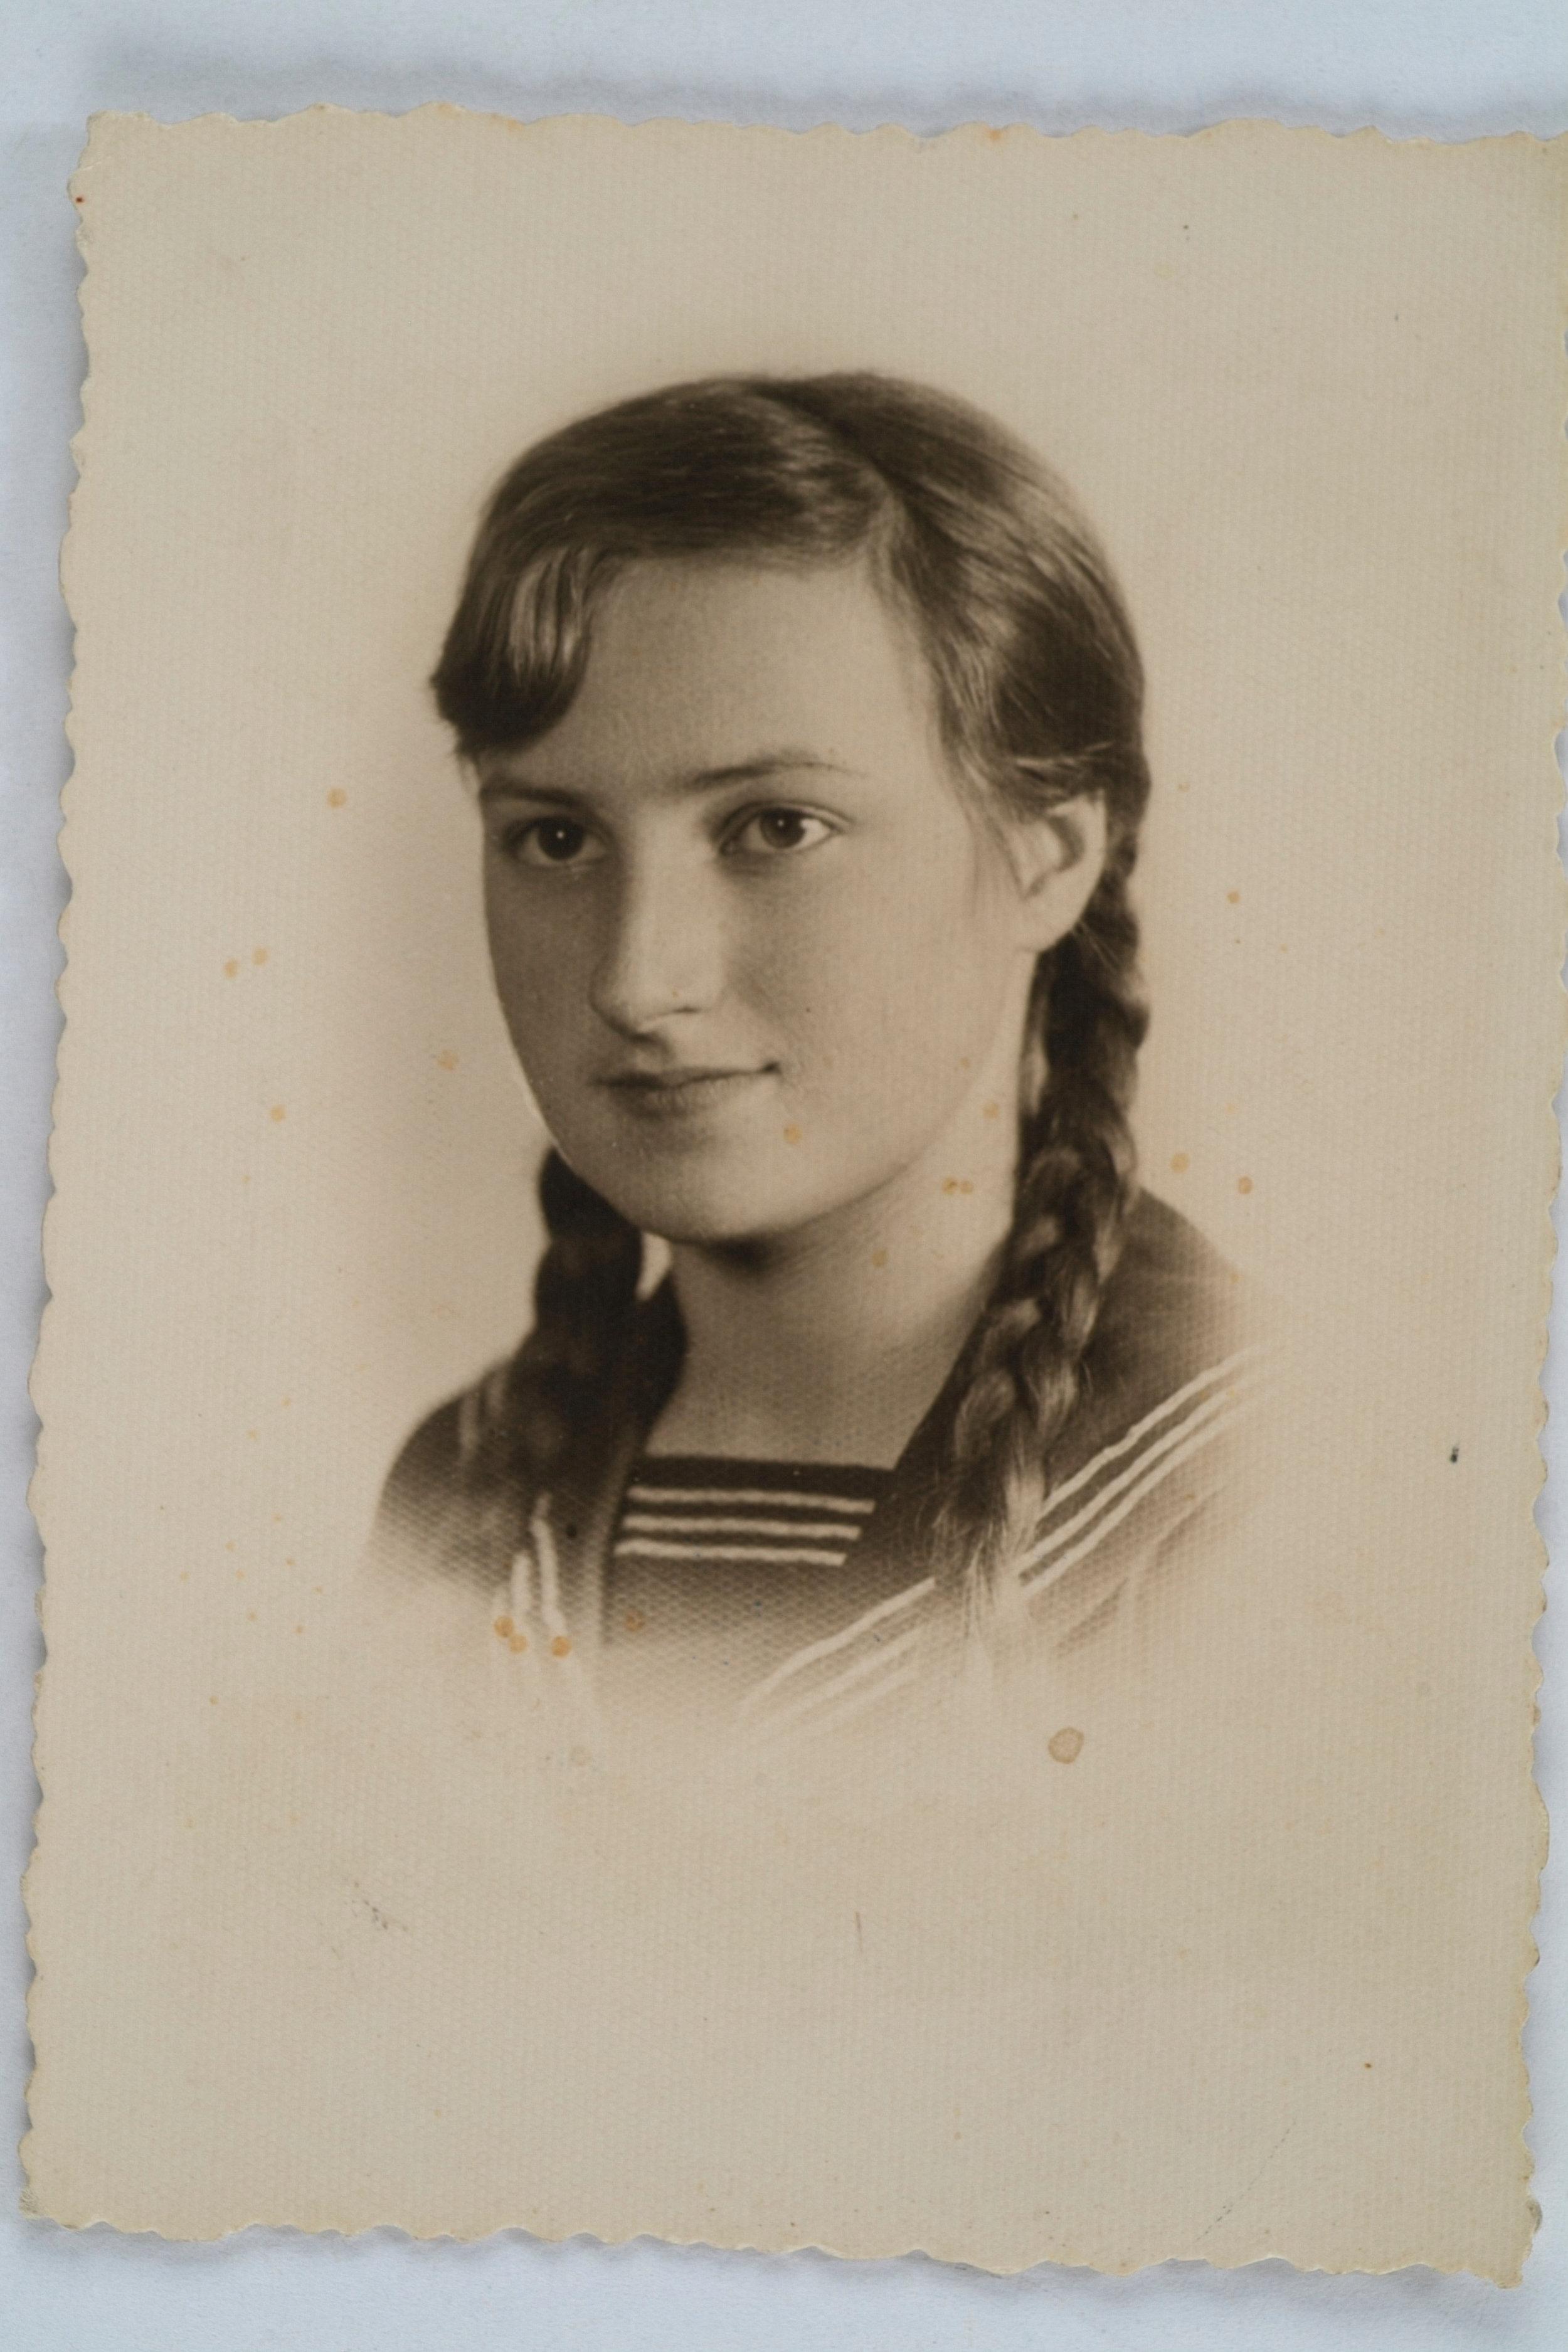 Wanda Poltawska as a young girl